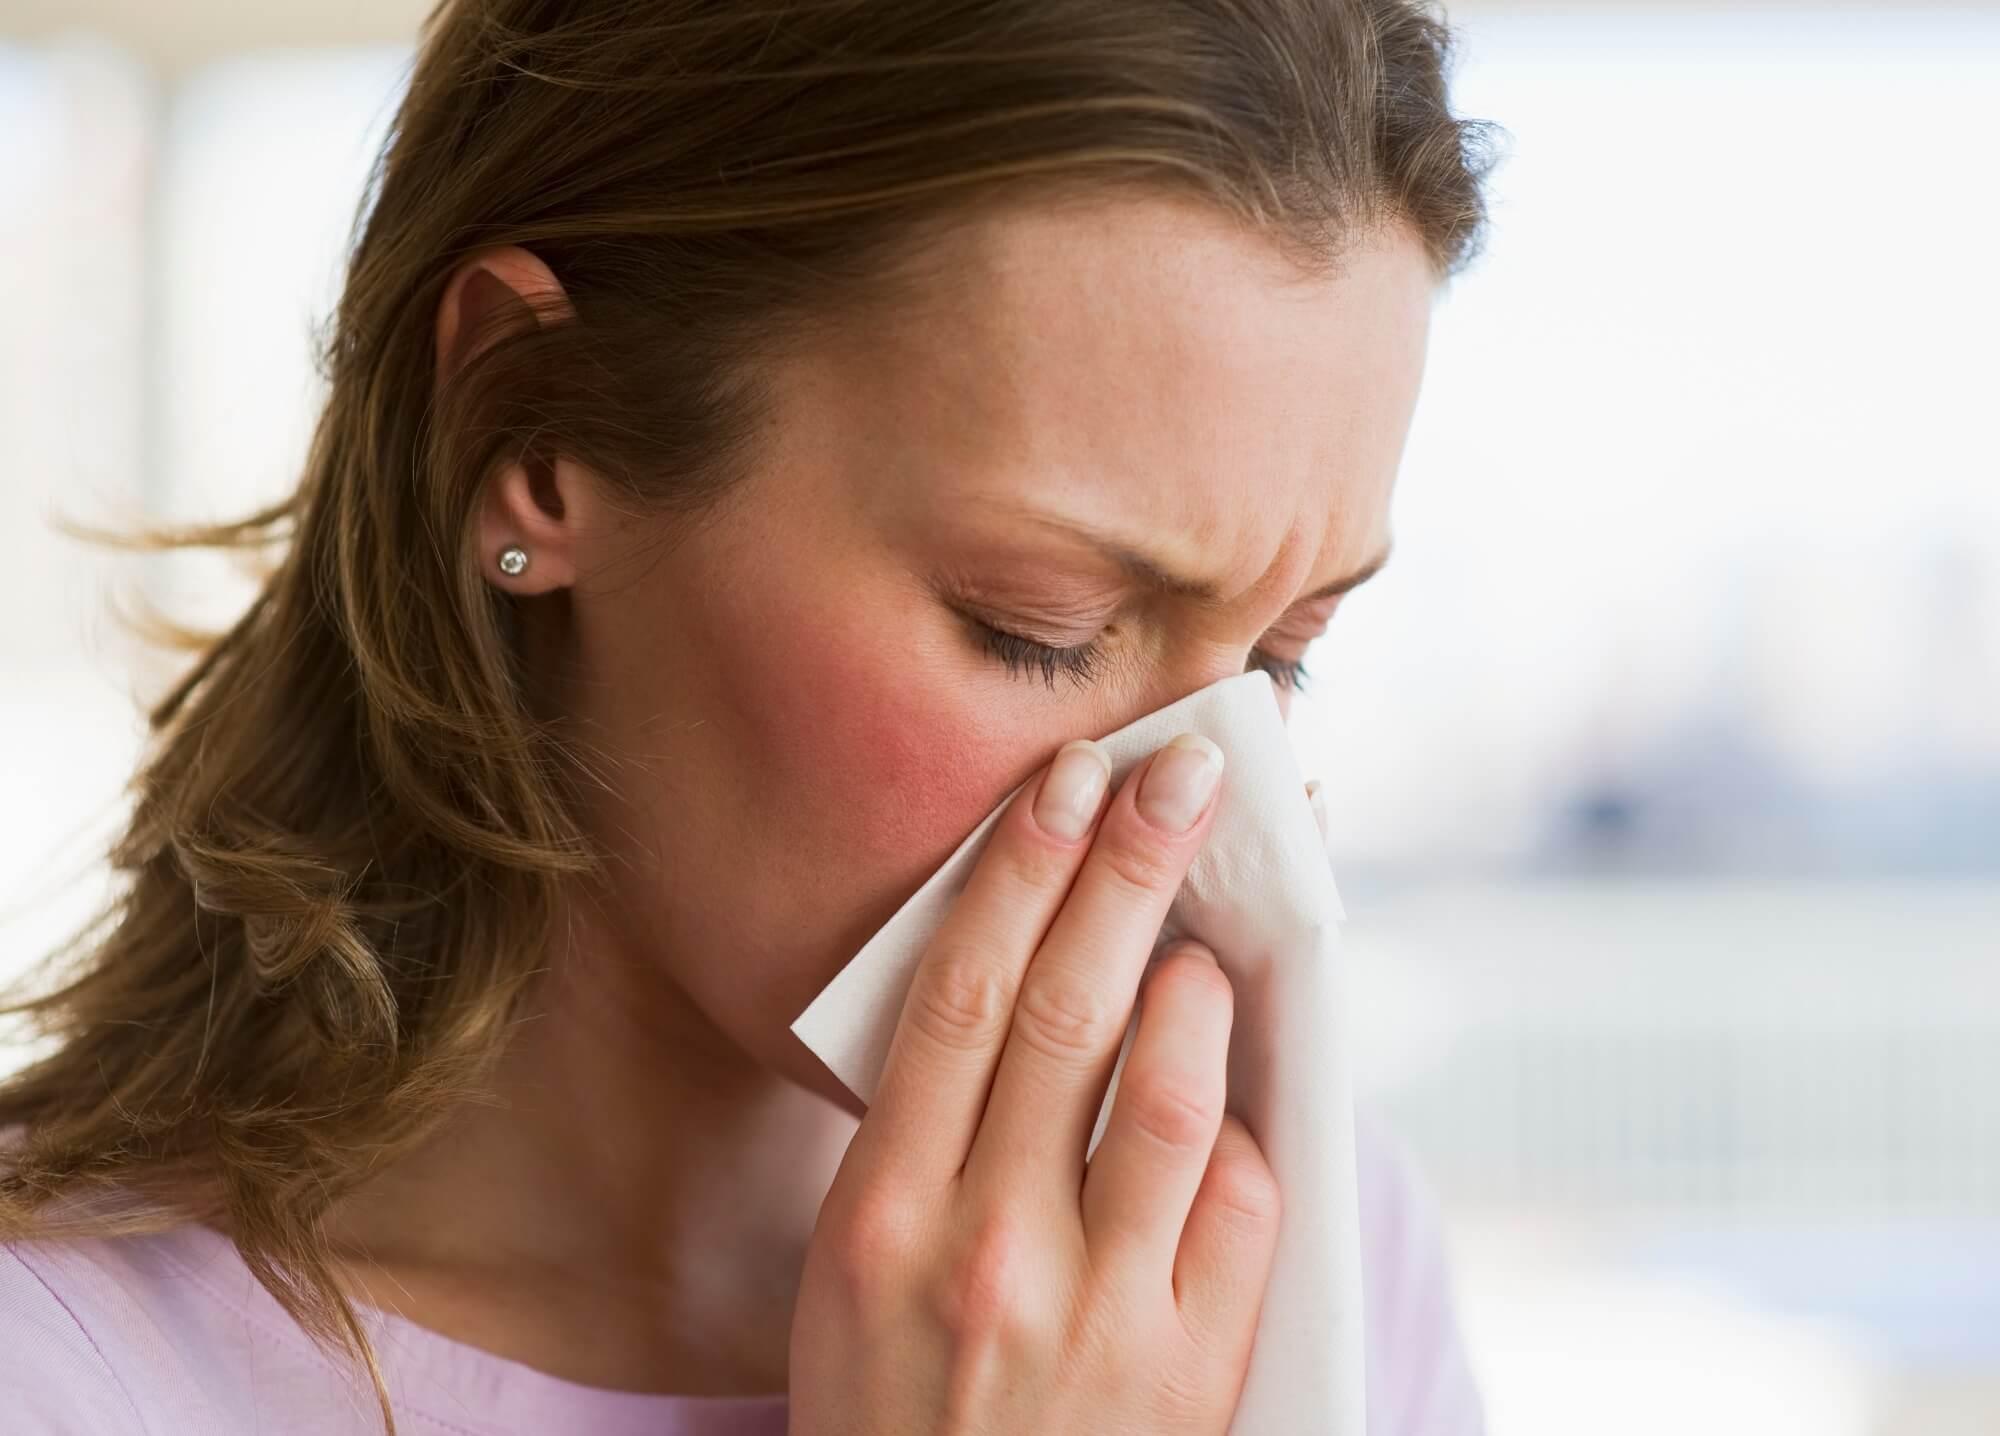 Куры хрипят, чихают и кашляют — как лечить простуду и вирус?